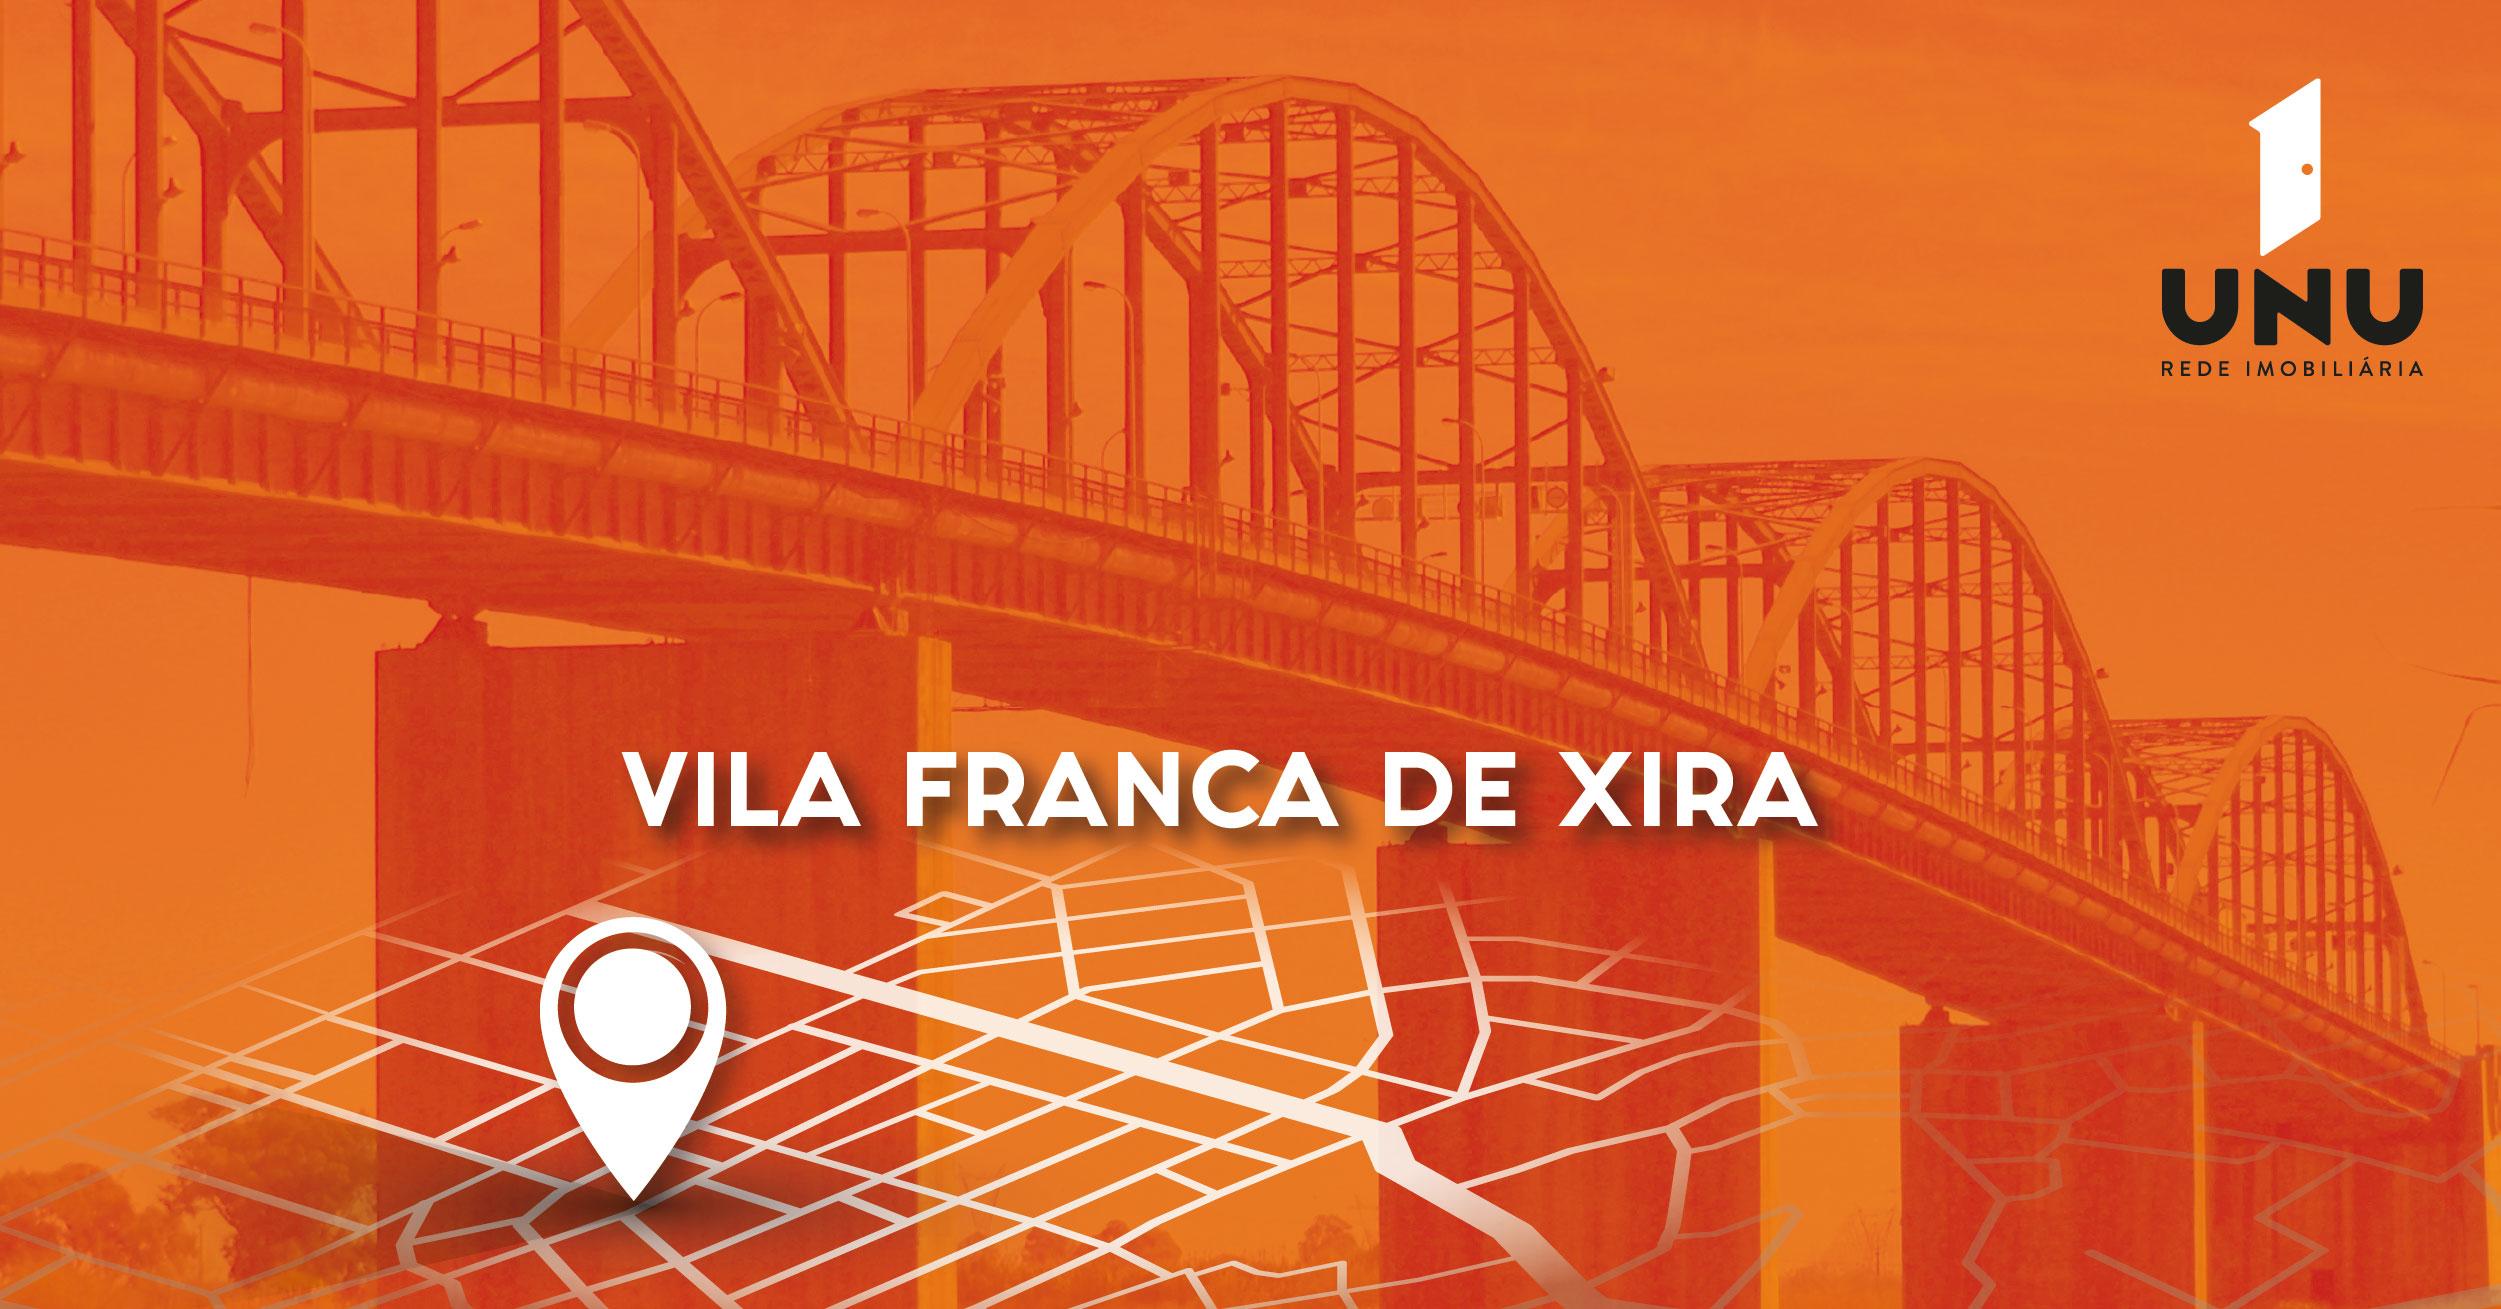 UNU Family abre portas em breve em Vila Franca de Xira